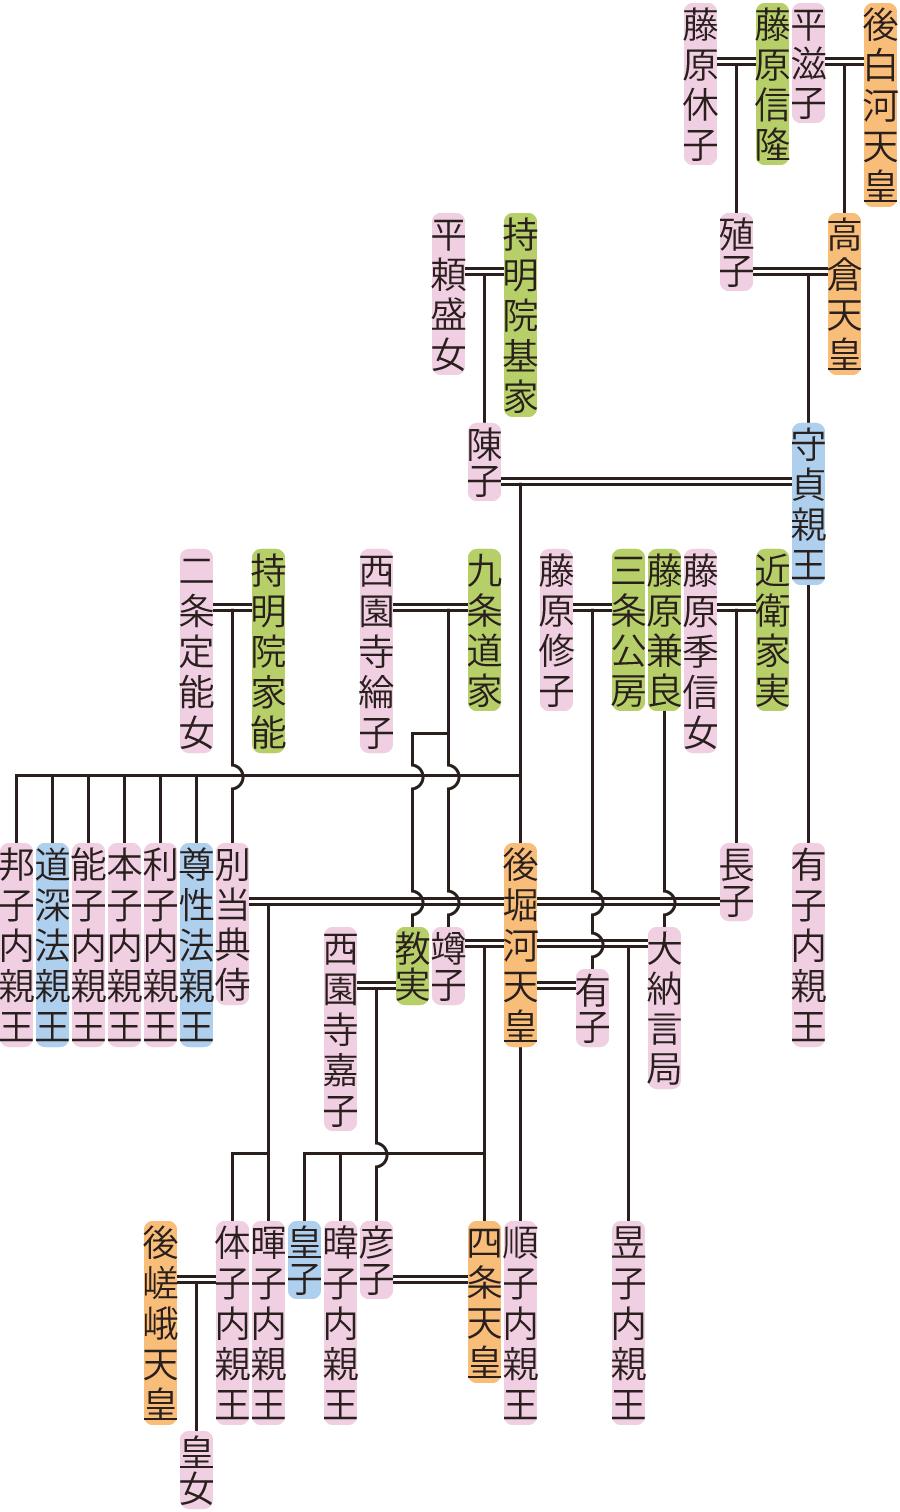 守貞親王~四条天皇の系図